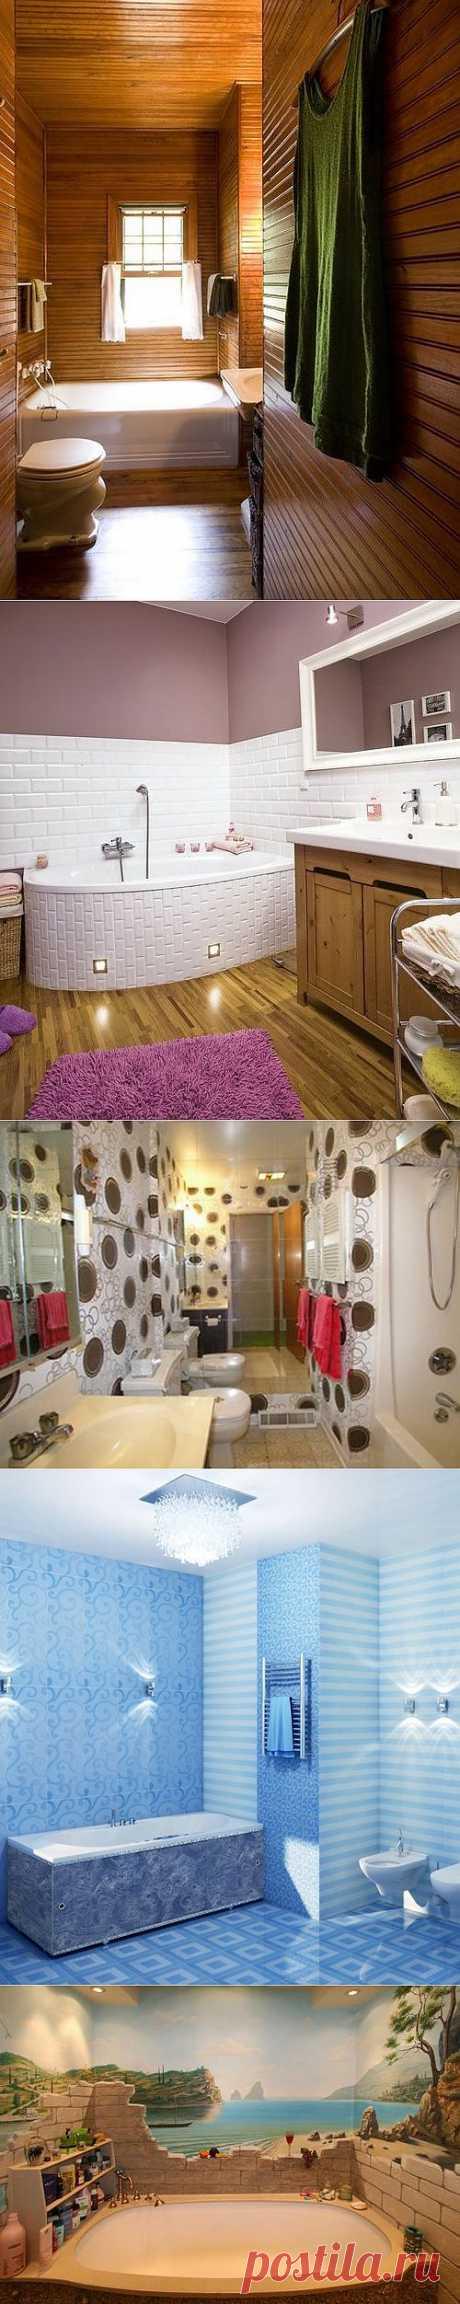 4 альтернативных способа отделки ванной комнаты | Дом Мечты